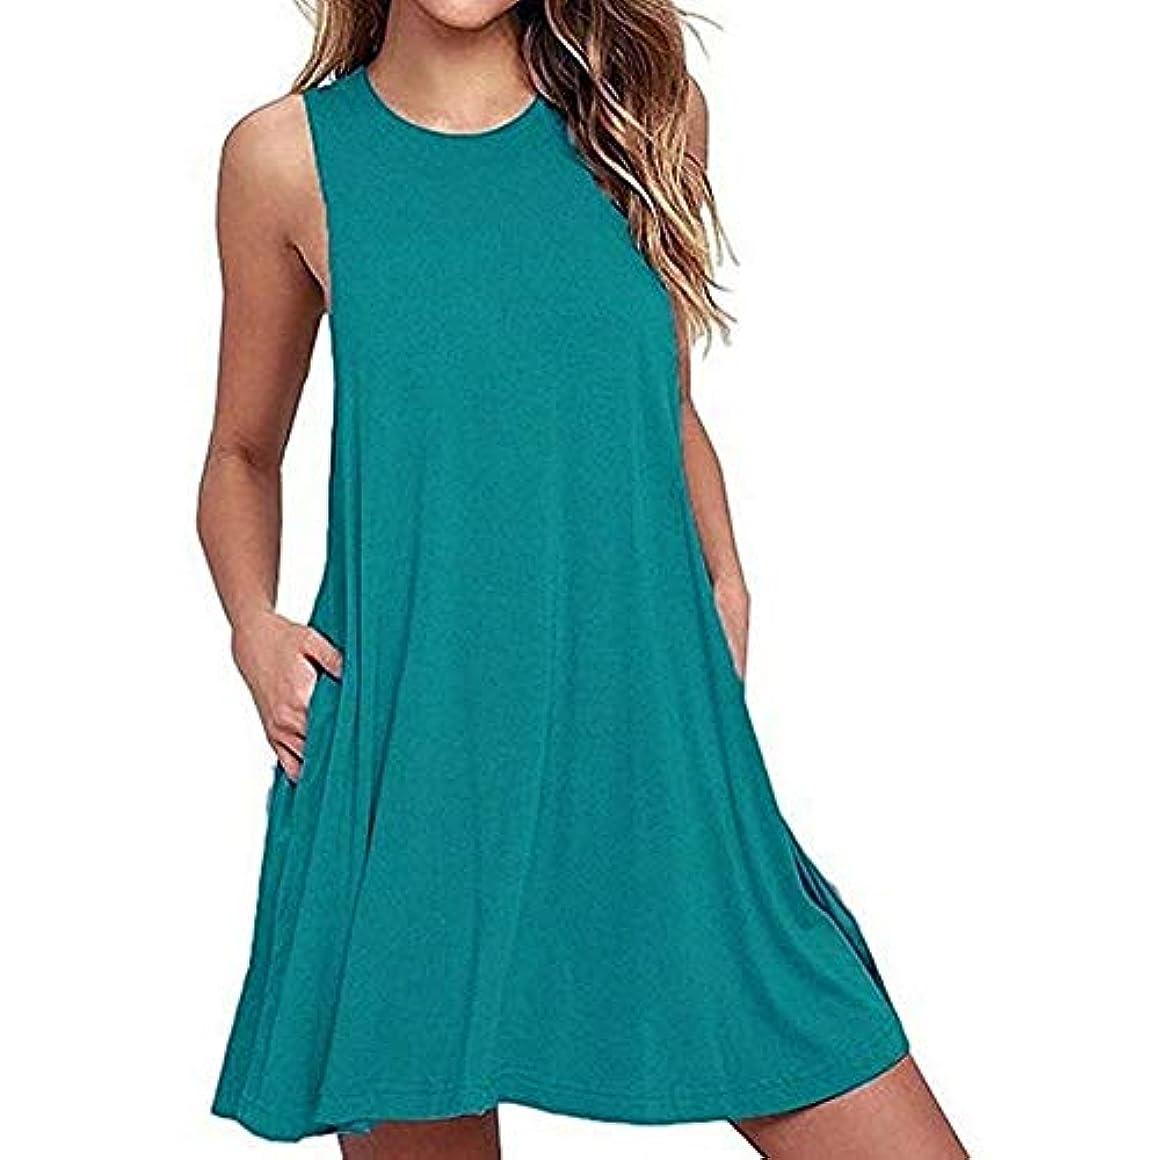 ブートあなたのもの植物学者MIFAN 人の女性のドレス、プラスサイズのドレス、ノースリーブのドレス、ミニドレス、ホルタードレス、コットンドレス